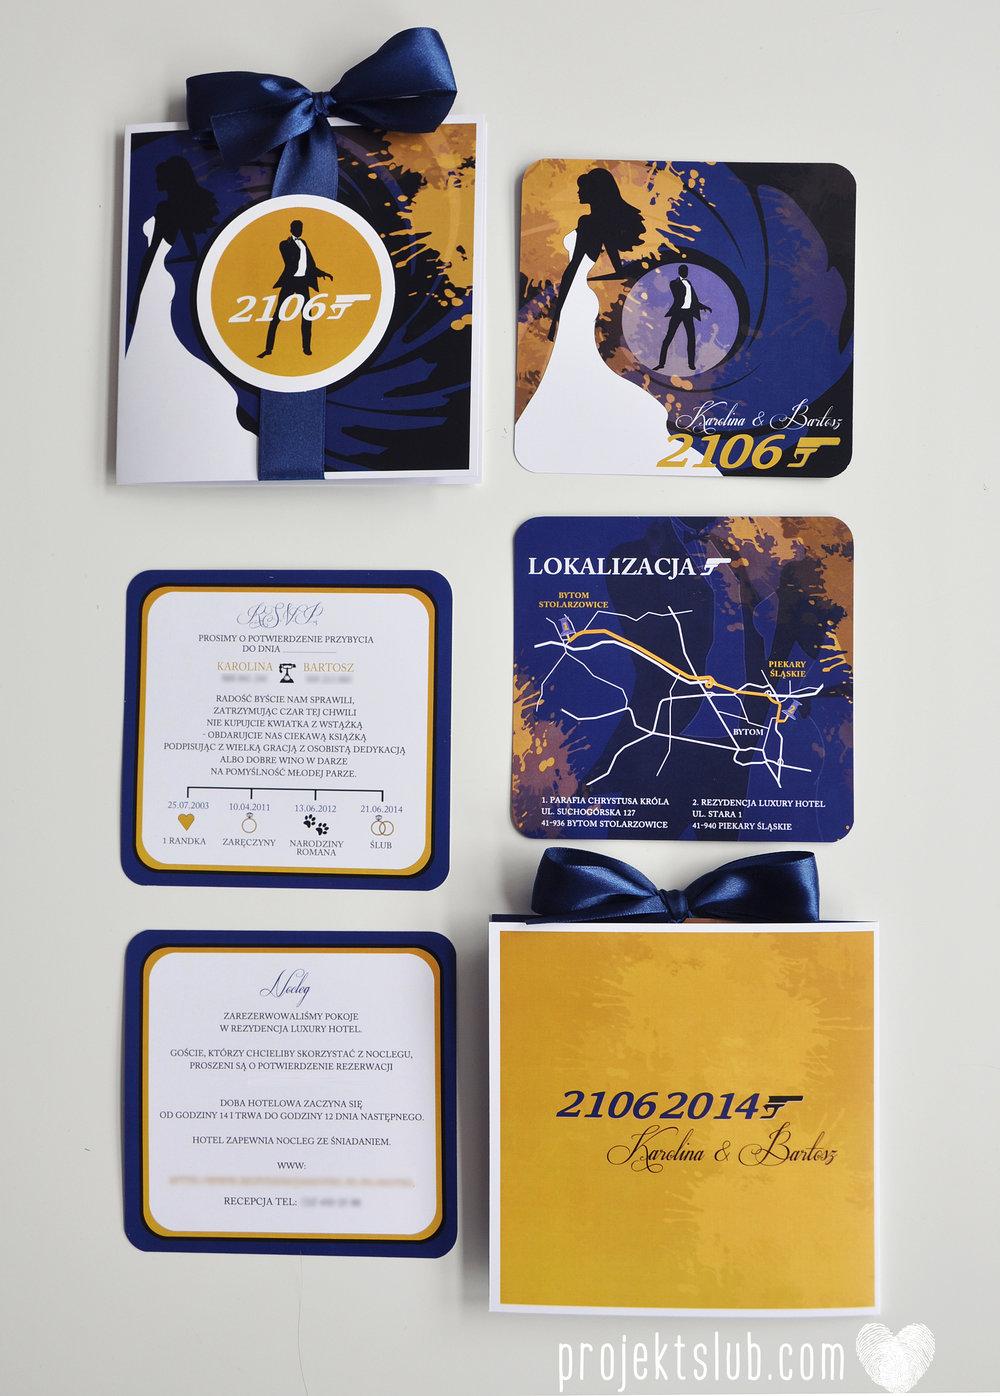 eleganckie zaproszenie ślubne james bond granat żółty agent 007 filmowy  ślub projekt ślub (17).jpg